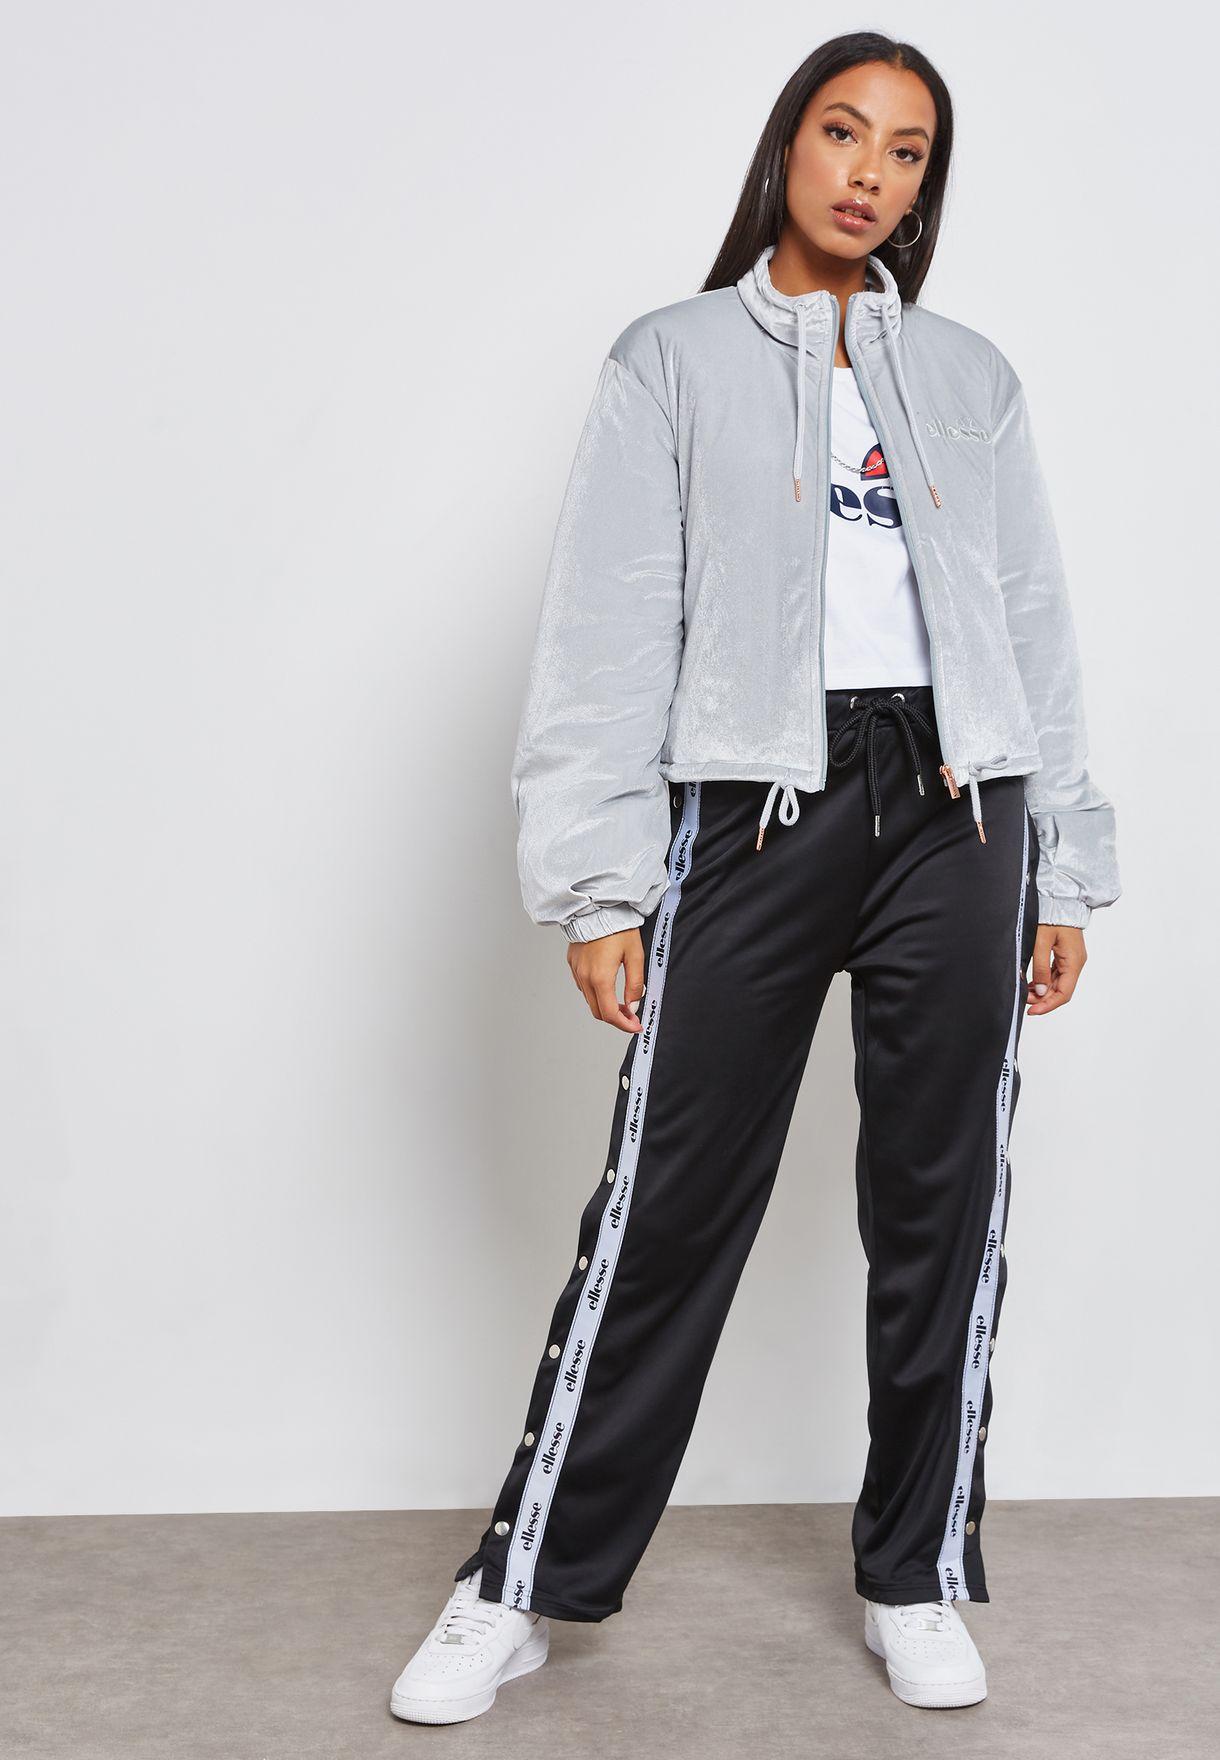 Melozano Jacket